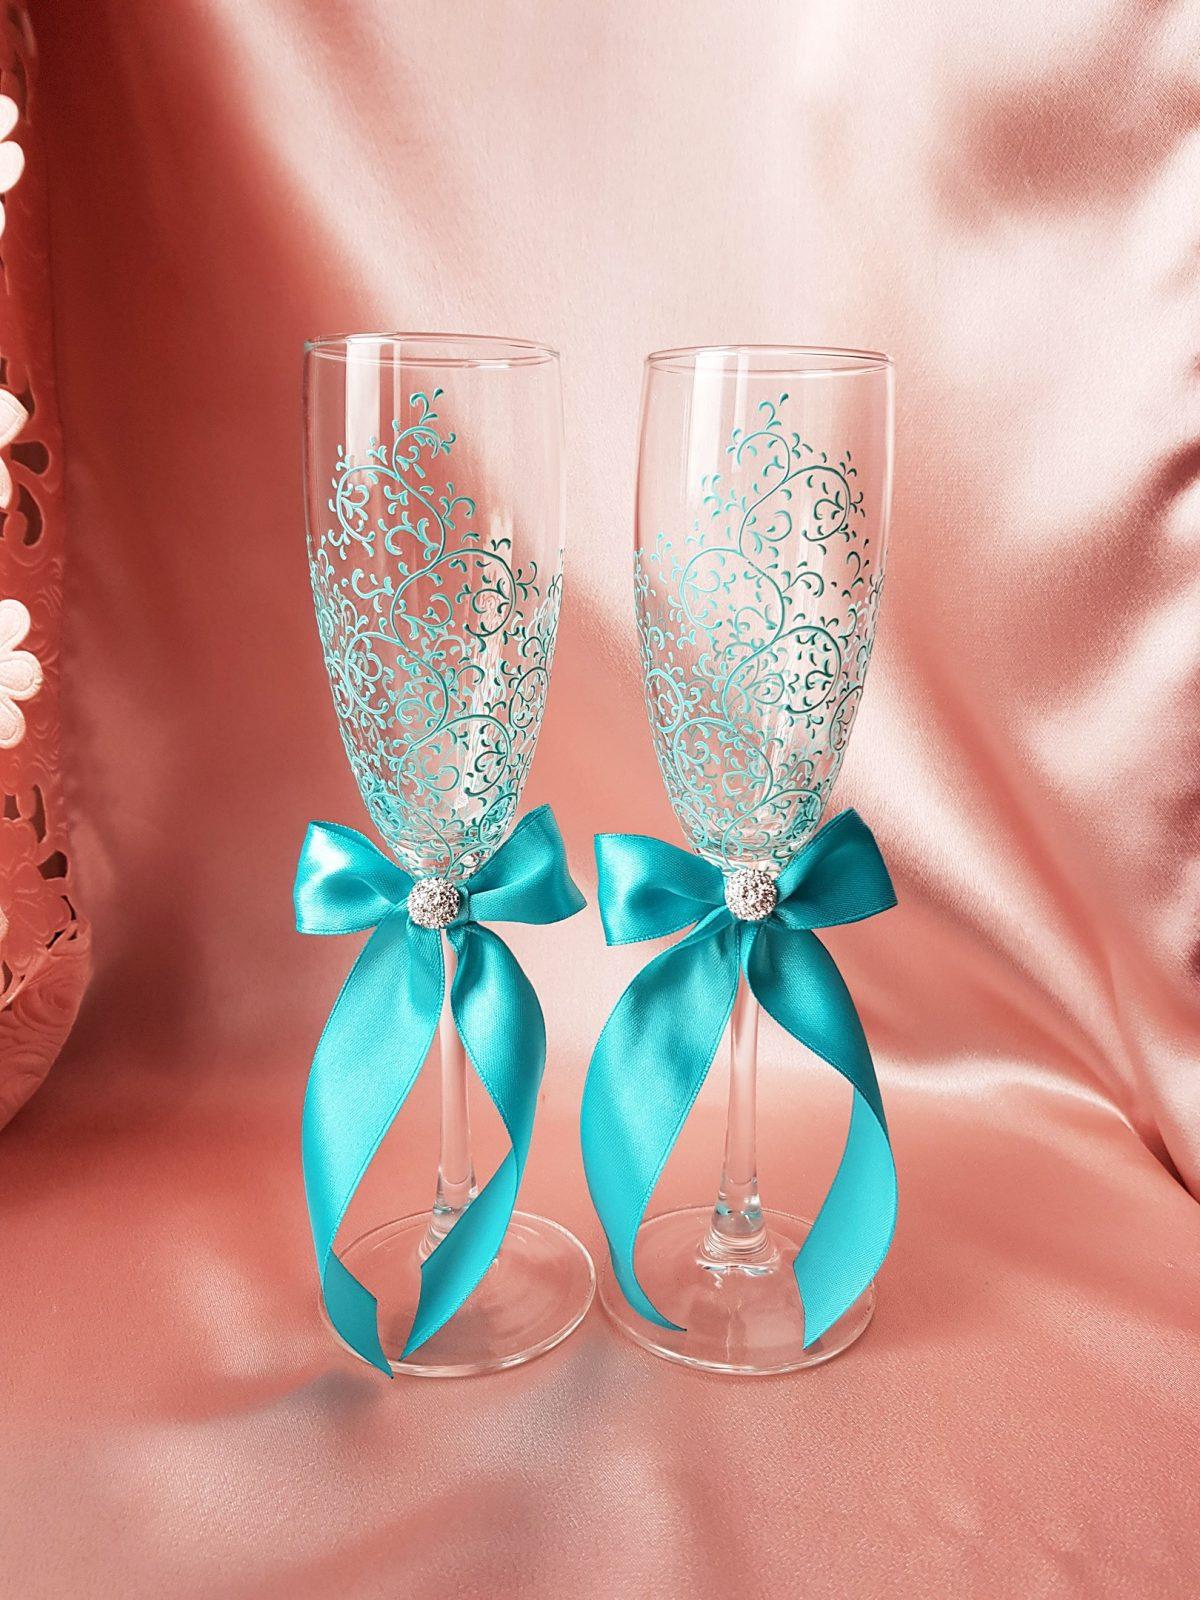 ibZE9EL60pA - Красивые свадебные фужеры